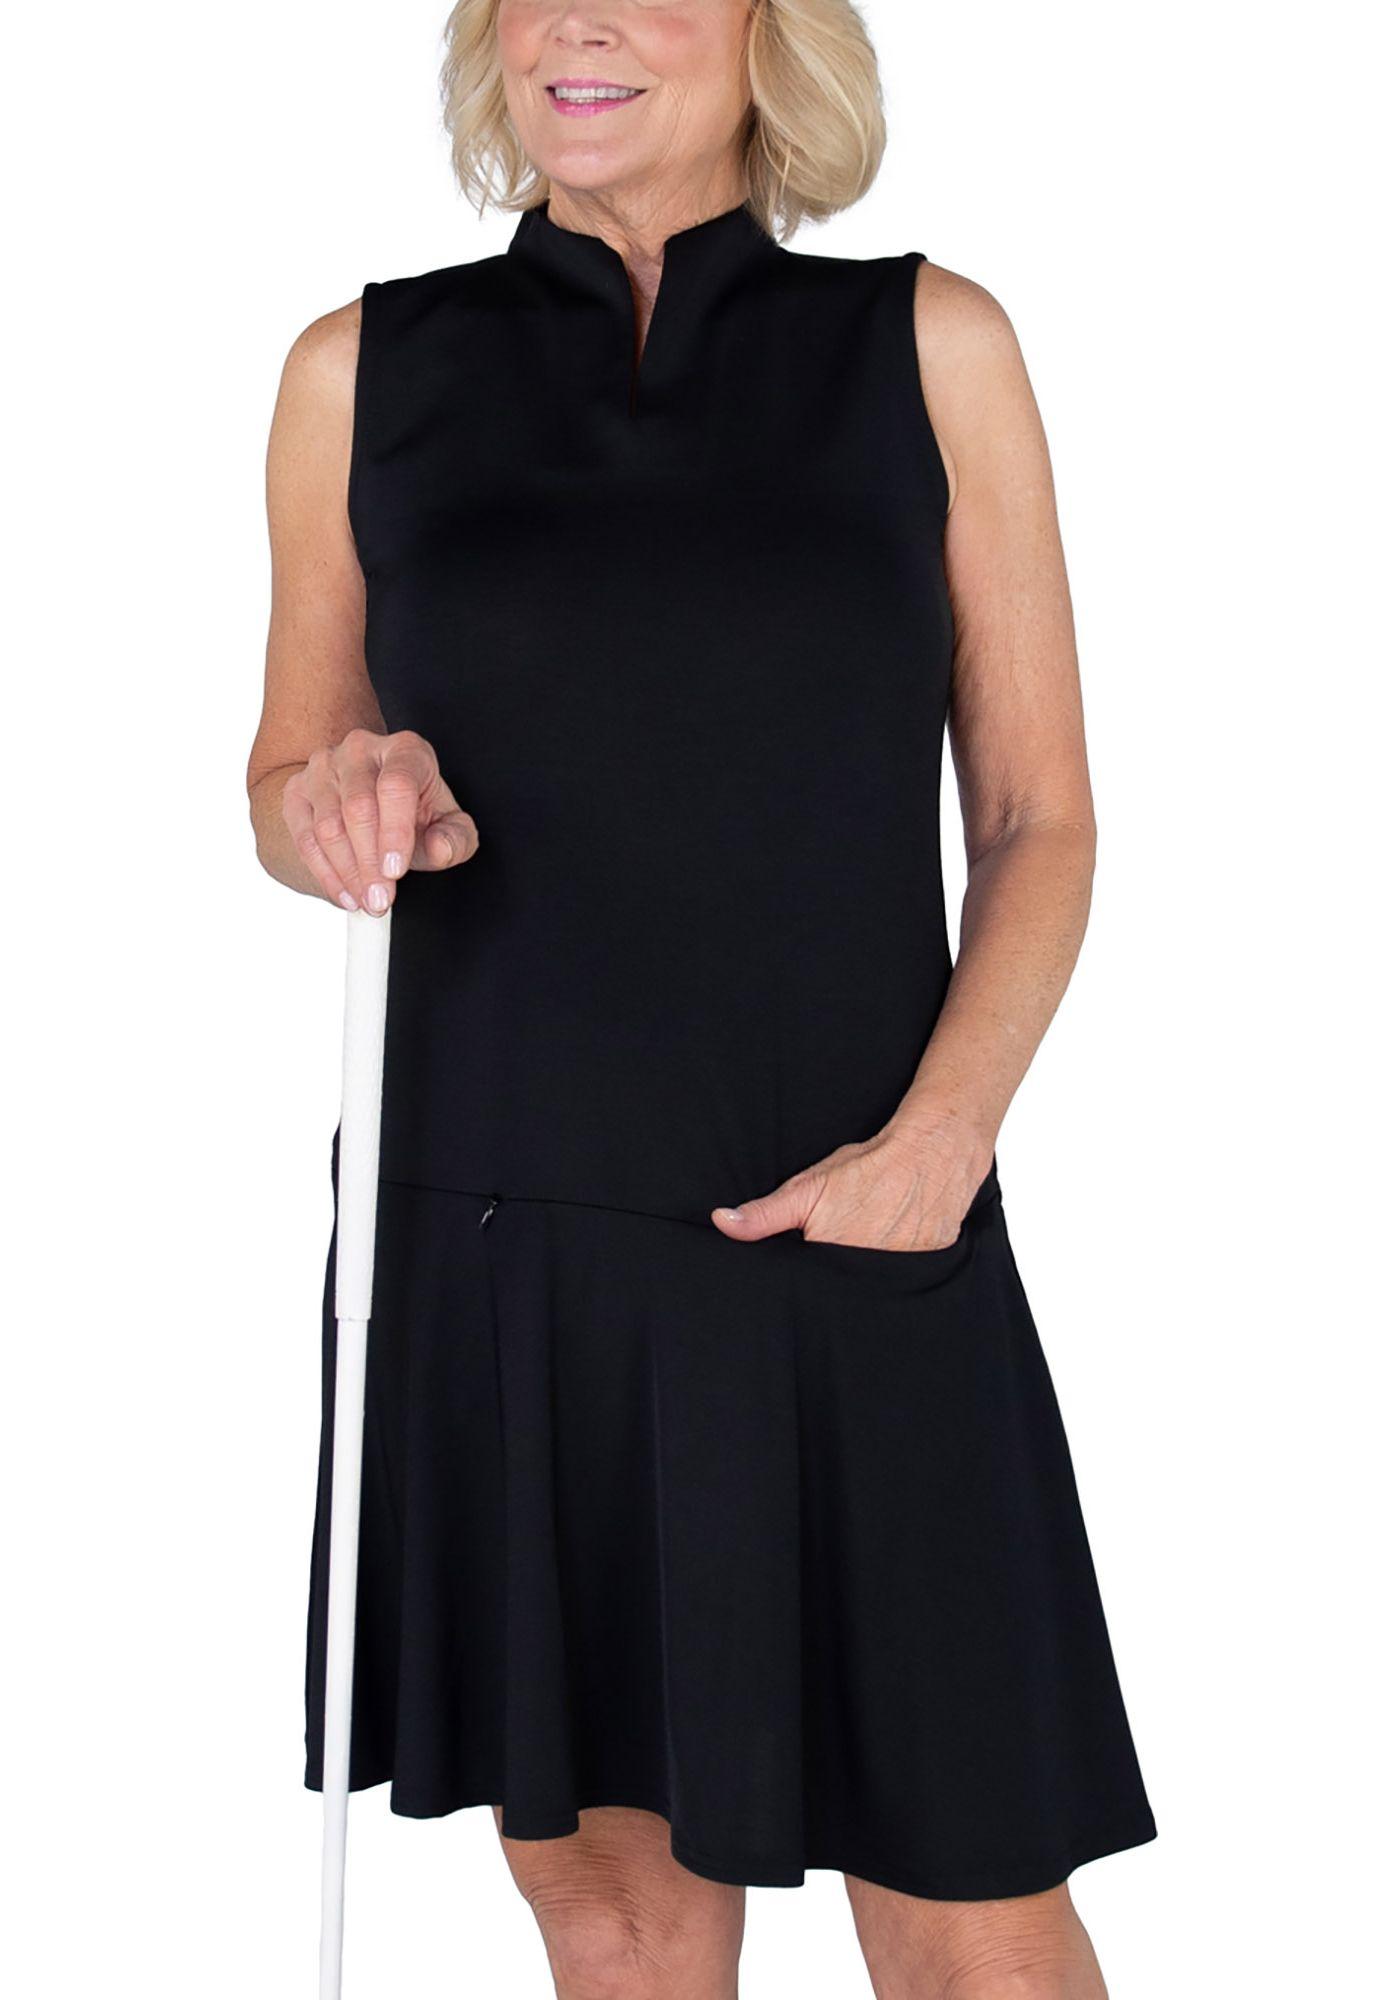 Jofit Women's Vista Drop Waist Golf Dress